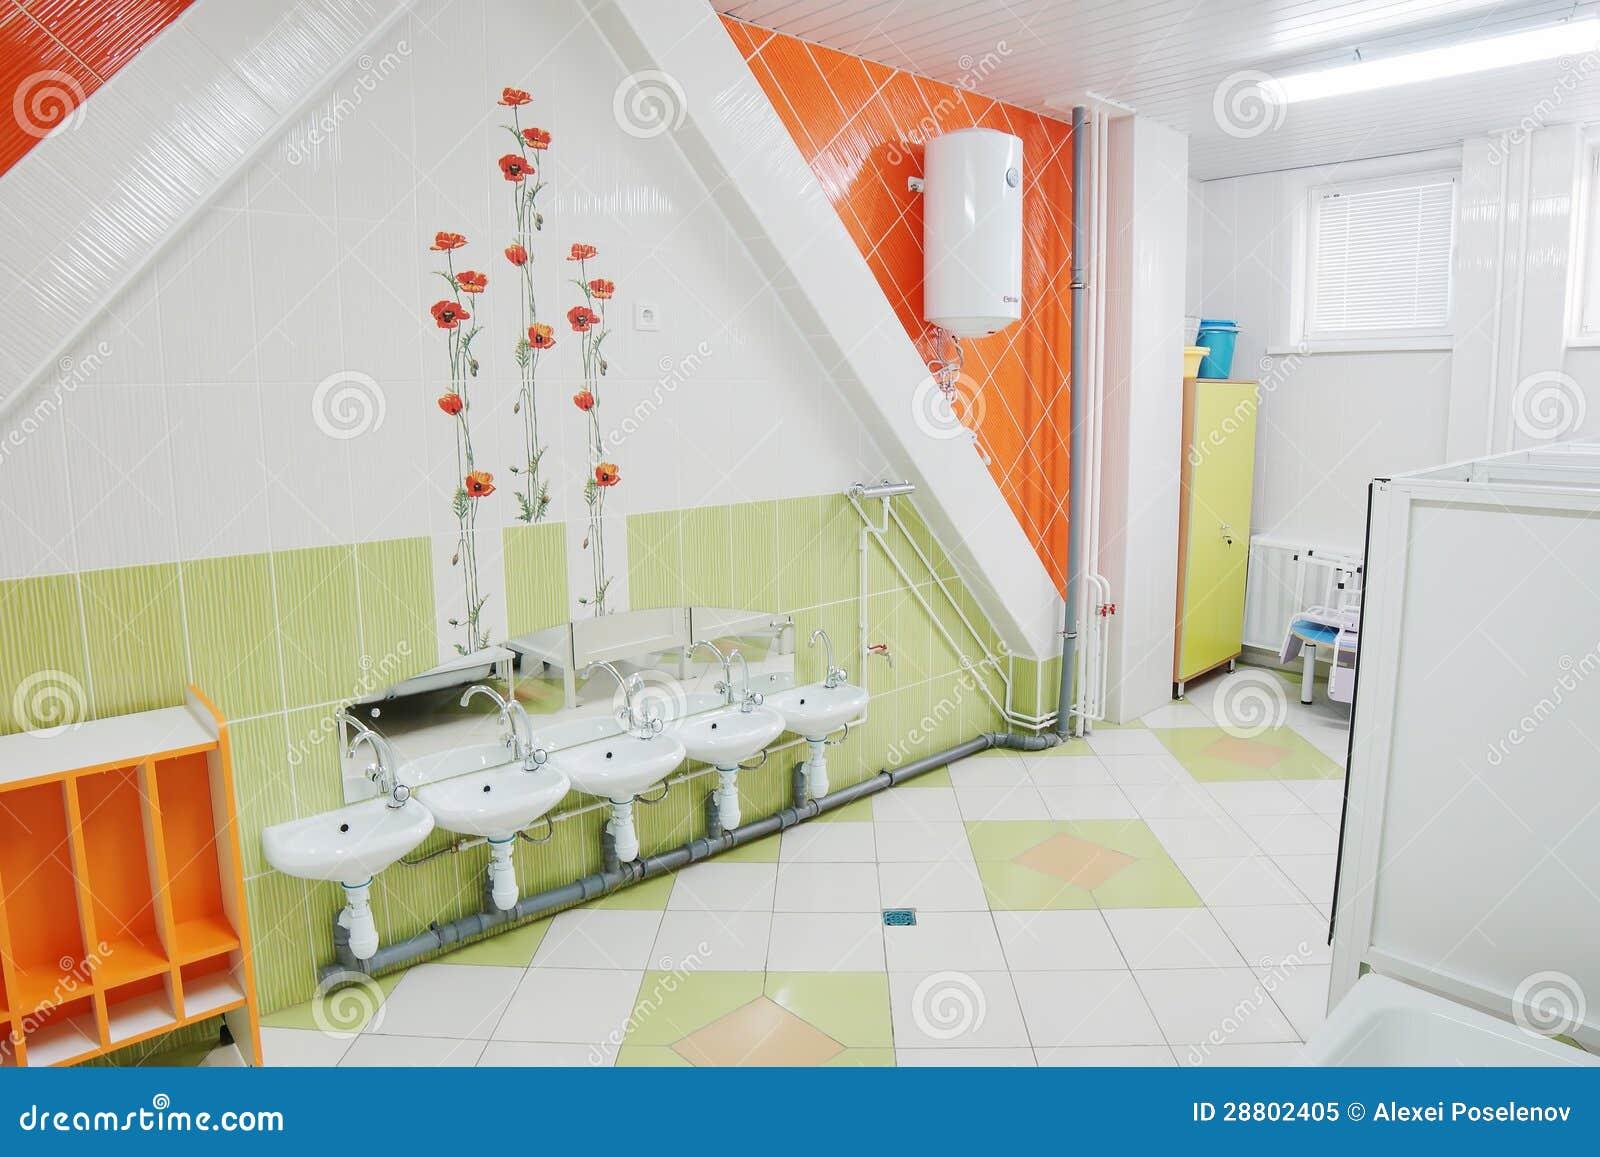 Baño De Una Guarderia:Cuarto De Baño En Una Guardería Foto de archivo libre de regalías